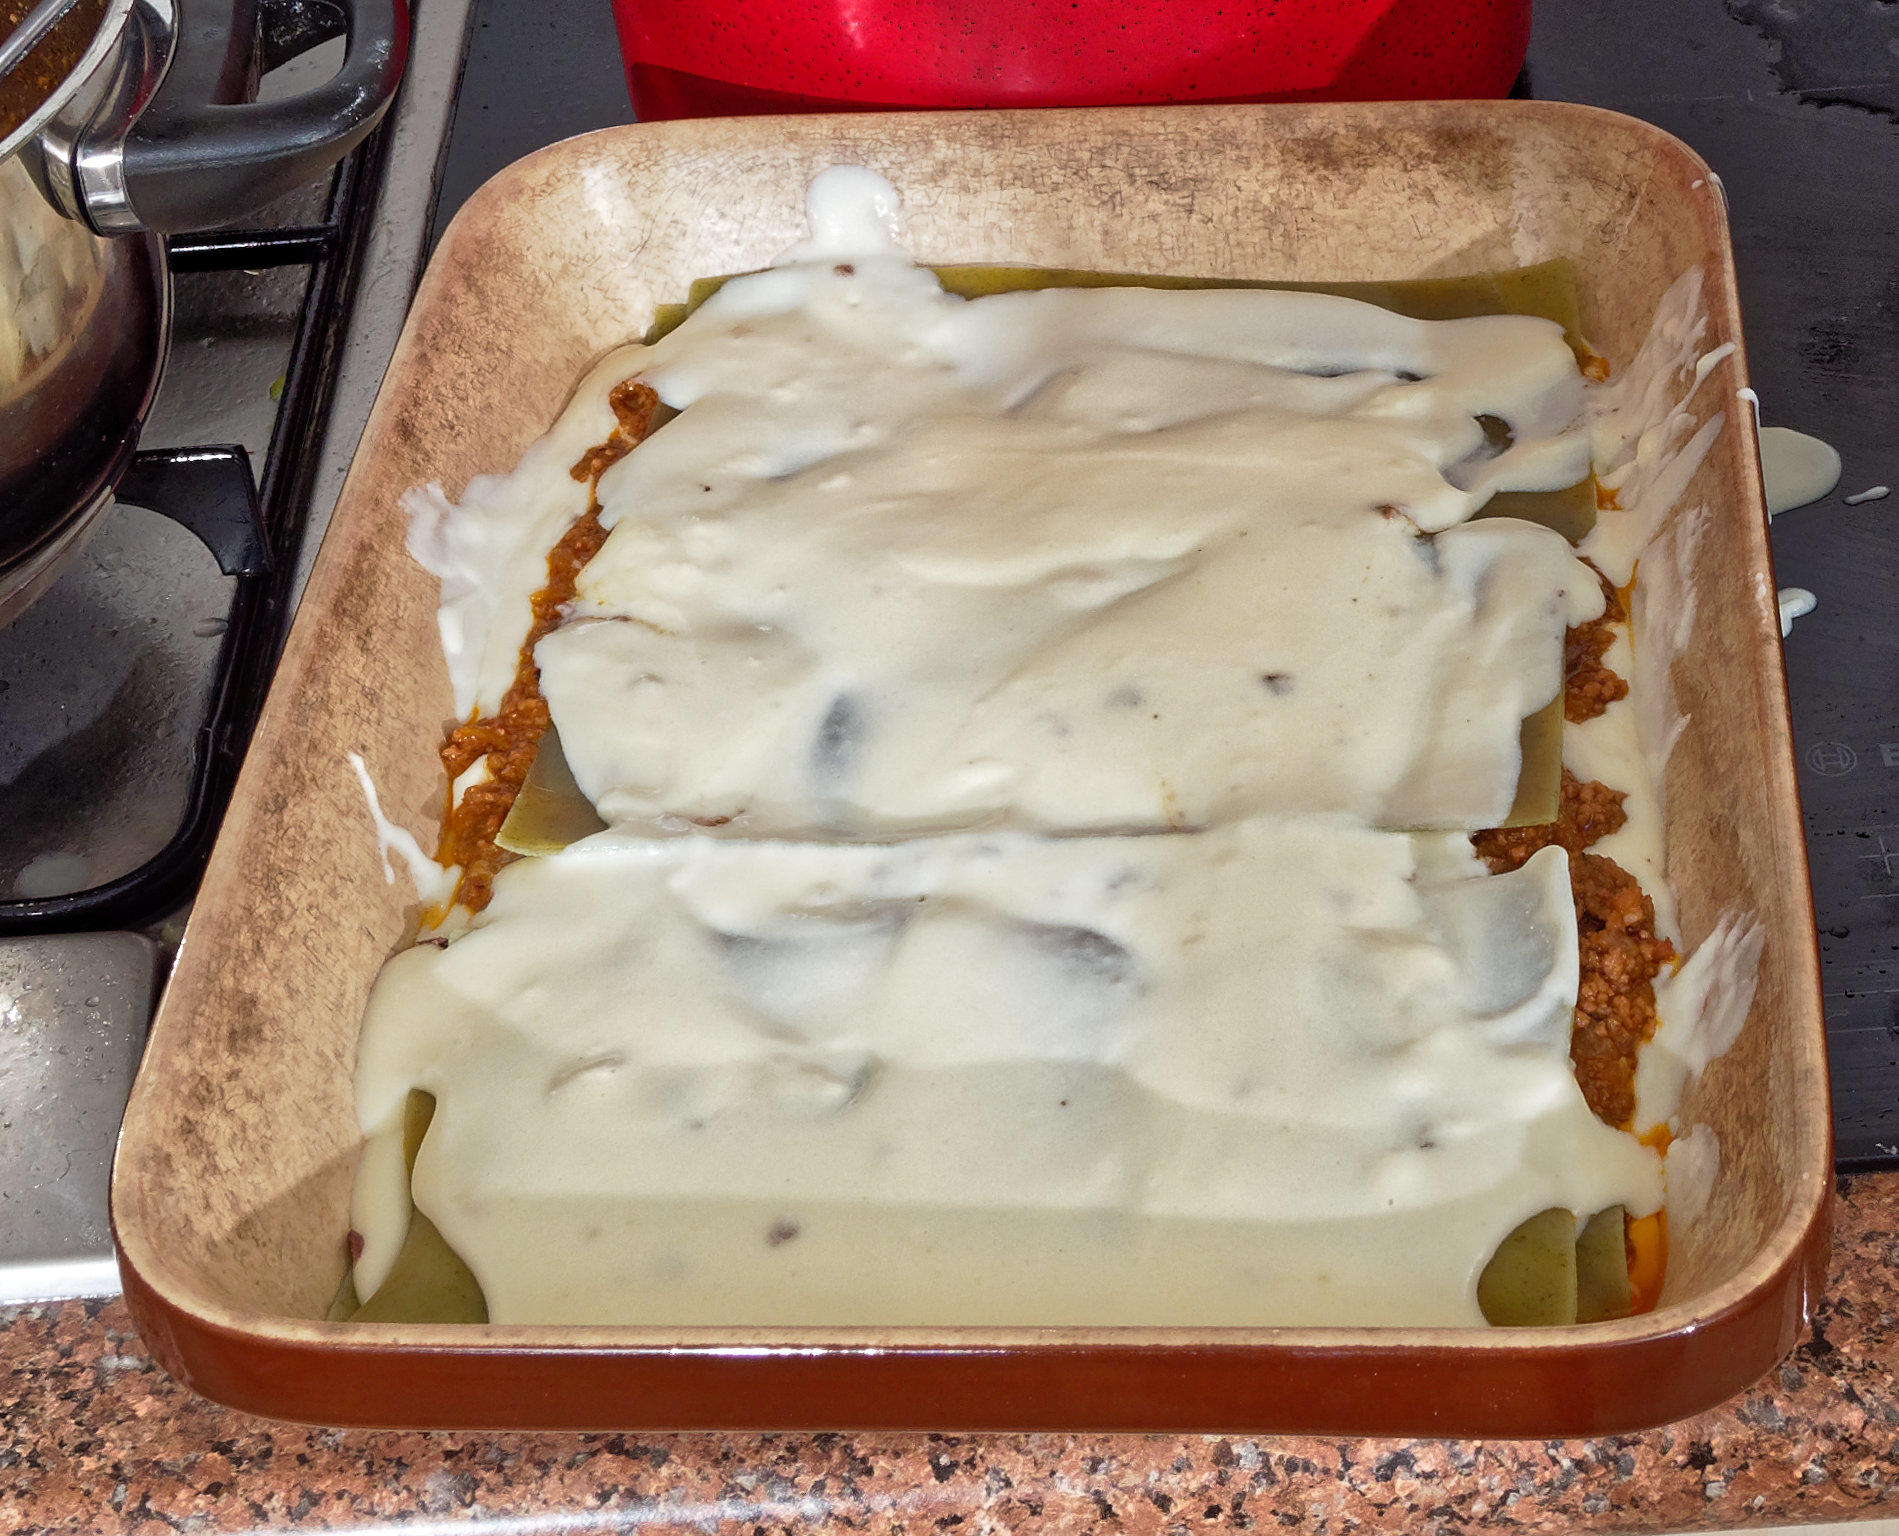 Making-lasagne-6-detail.jpeg